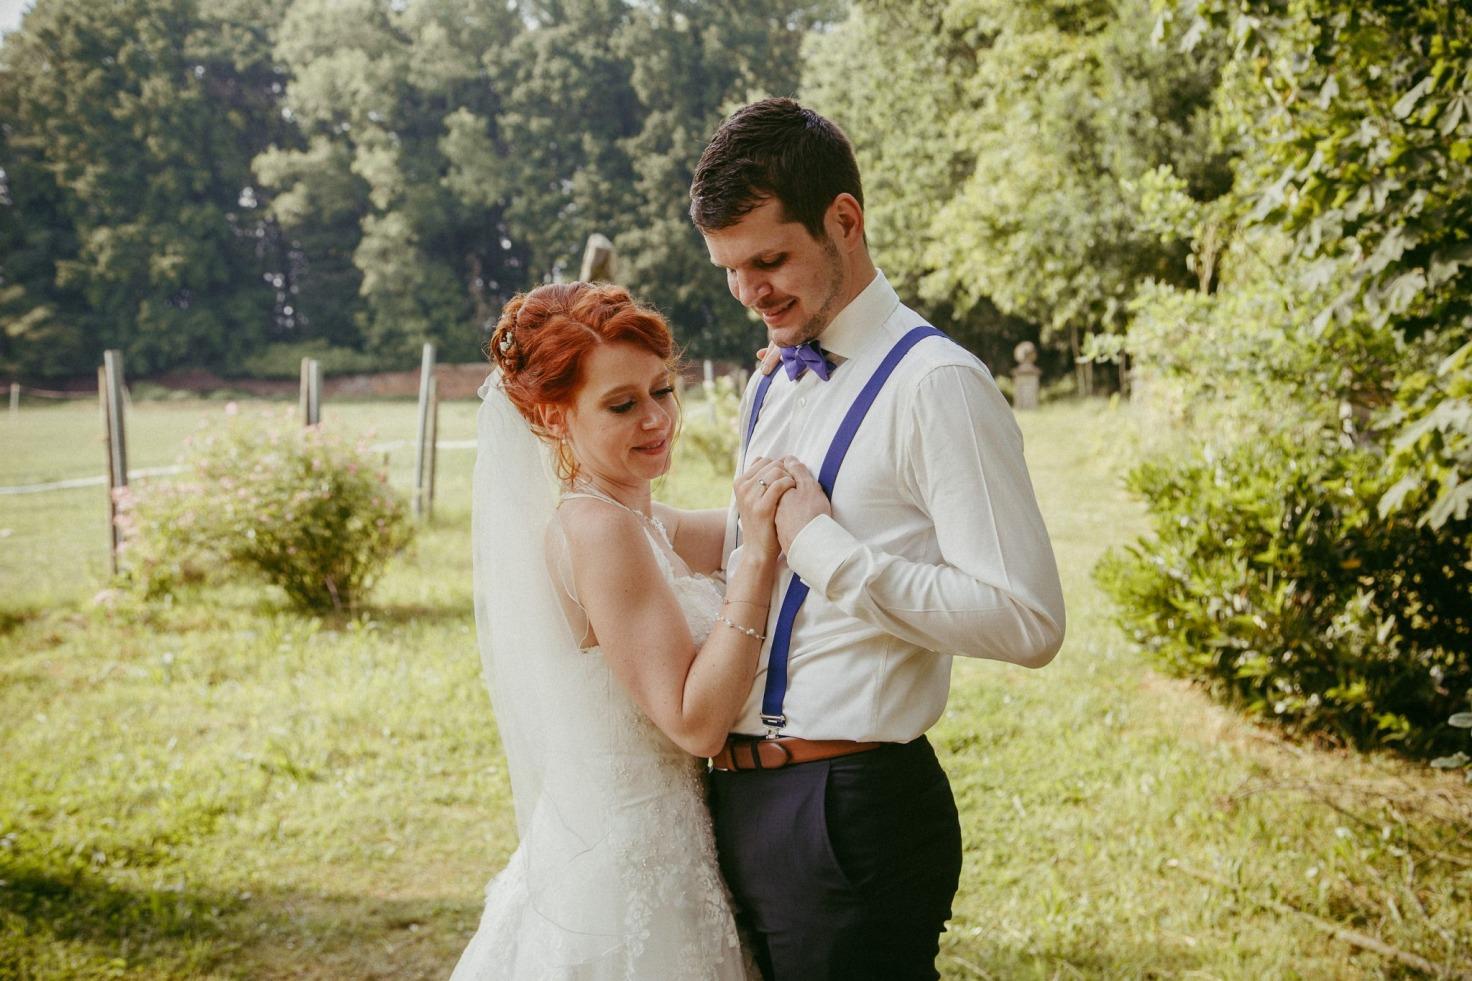 Hochzeitsfotograf Münster - Braut mit Bräutigam